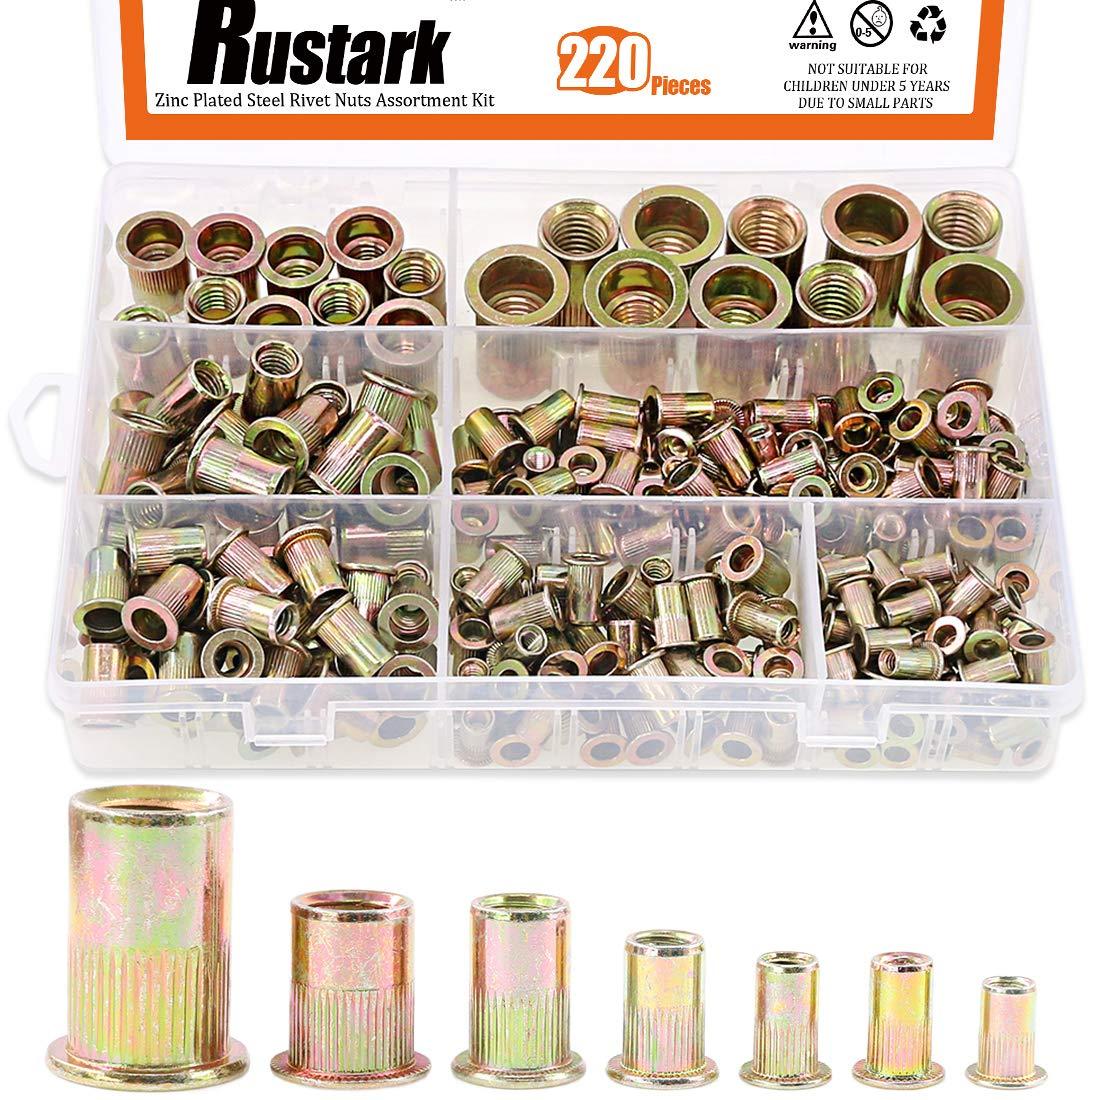 Rustark 220-Pcs Assort 8-32UNC 10-24UNC 1/4''-20UNC 5/16''-18UNC 3/8''-16UNC 1/4''-20UNC 5-32''-32UNC Mixed Zinc Plated Carbon Steel Rivet Nut Flat Head Insert Nutsert Assortment Kit